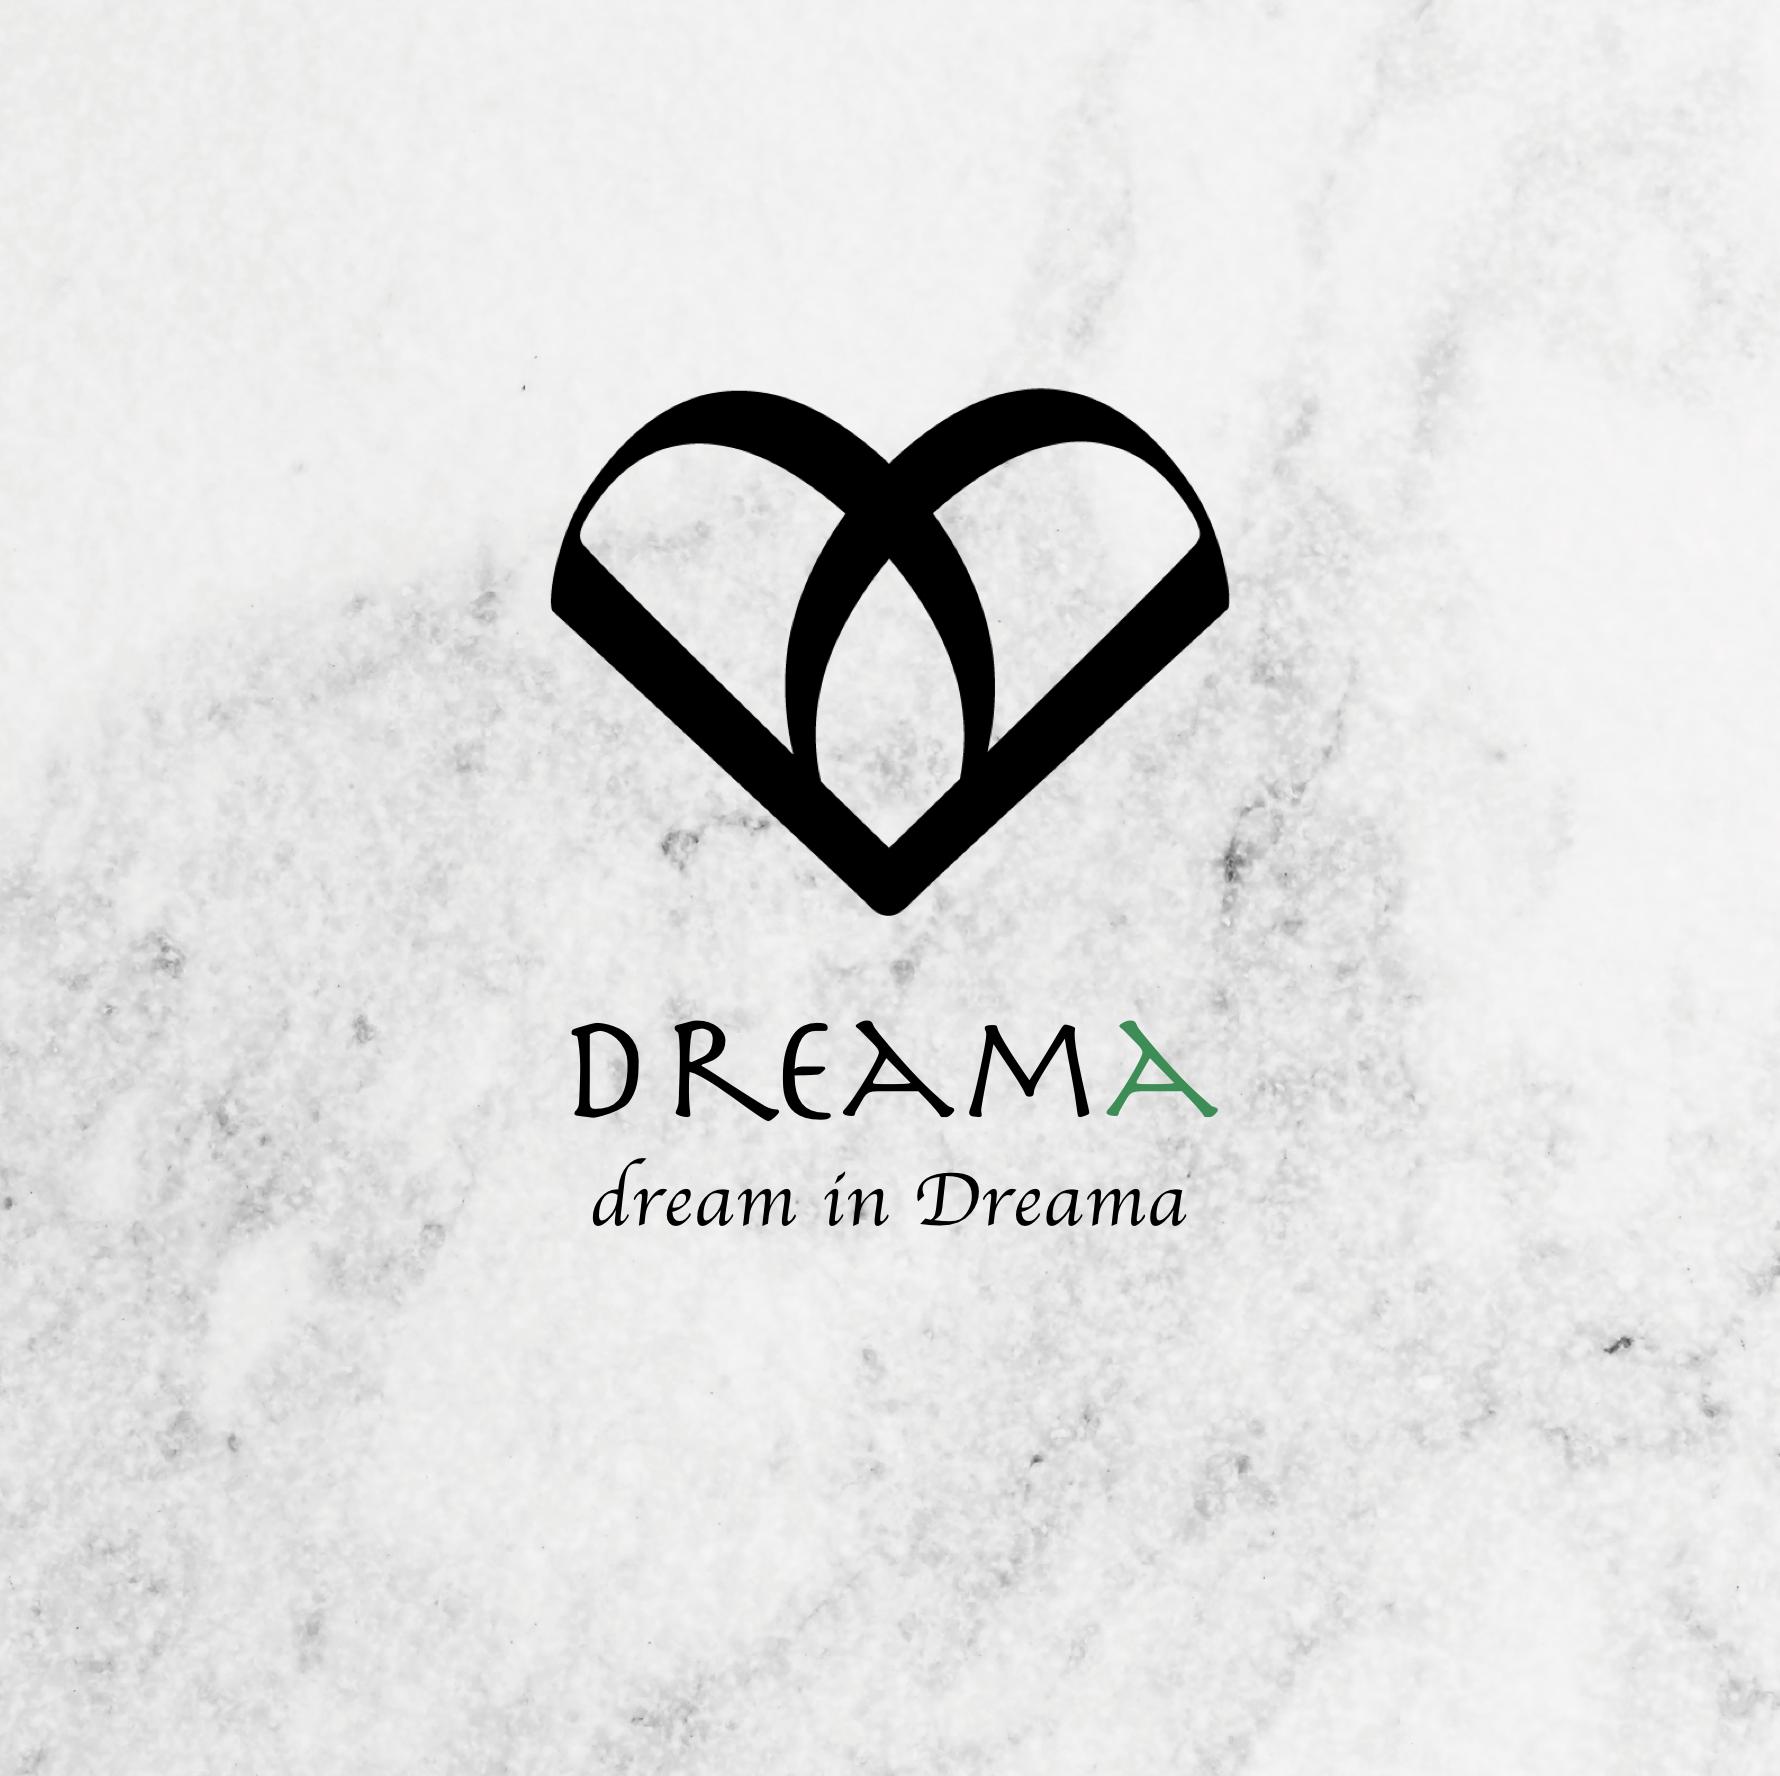 德瑞瑪 dream in Dreama